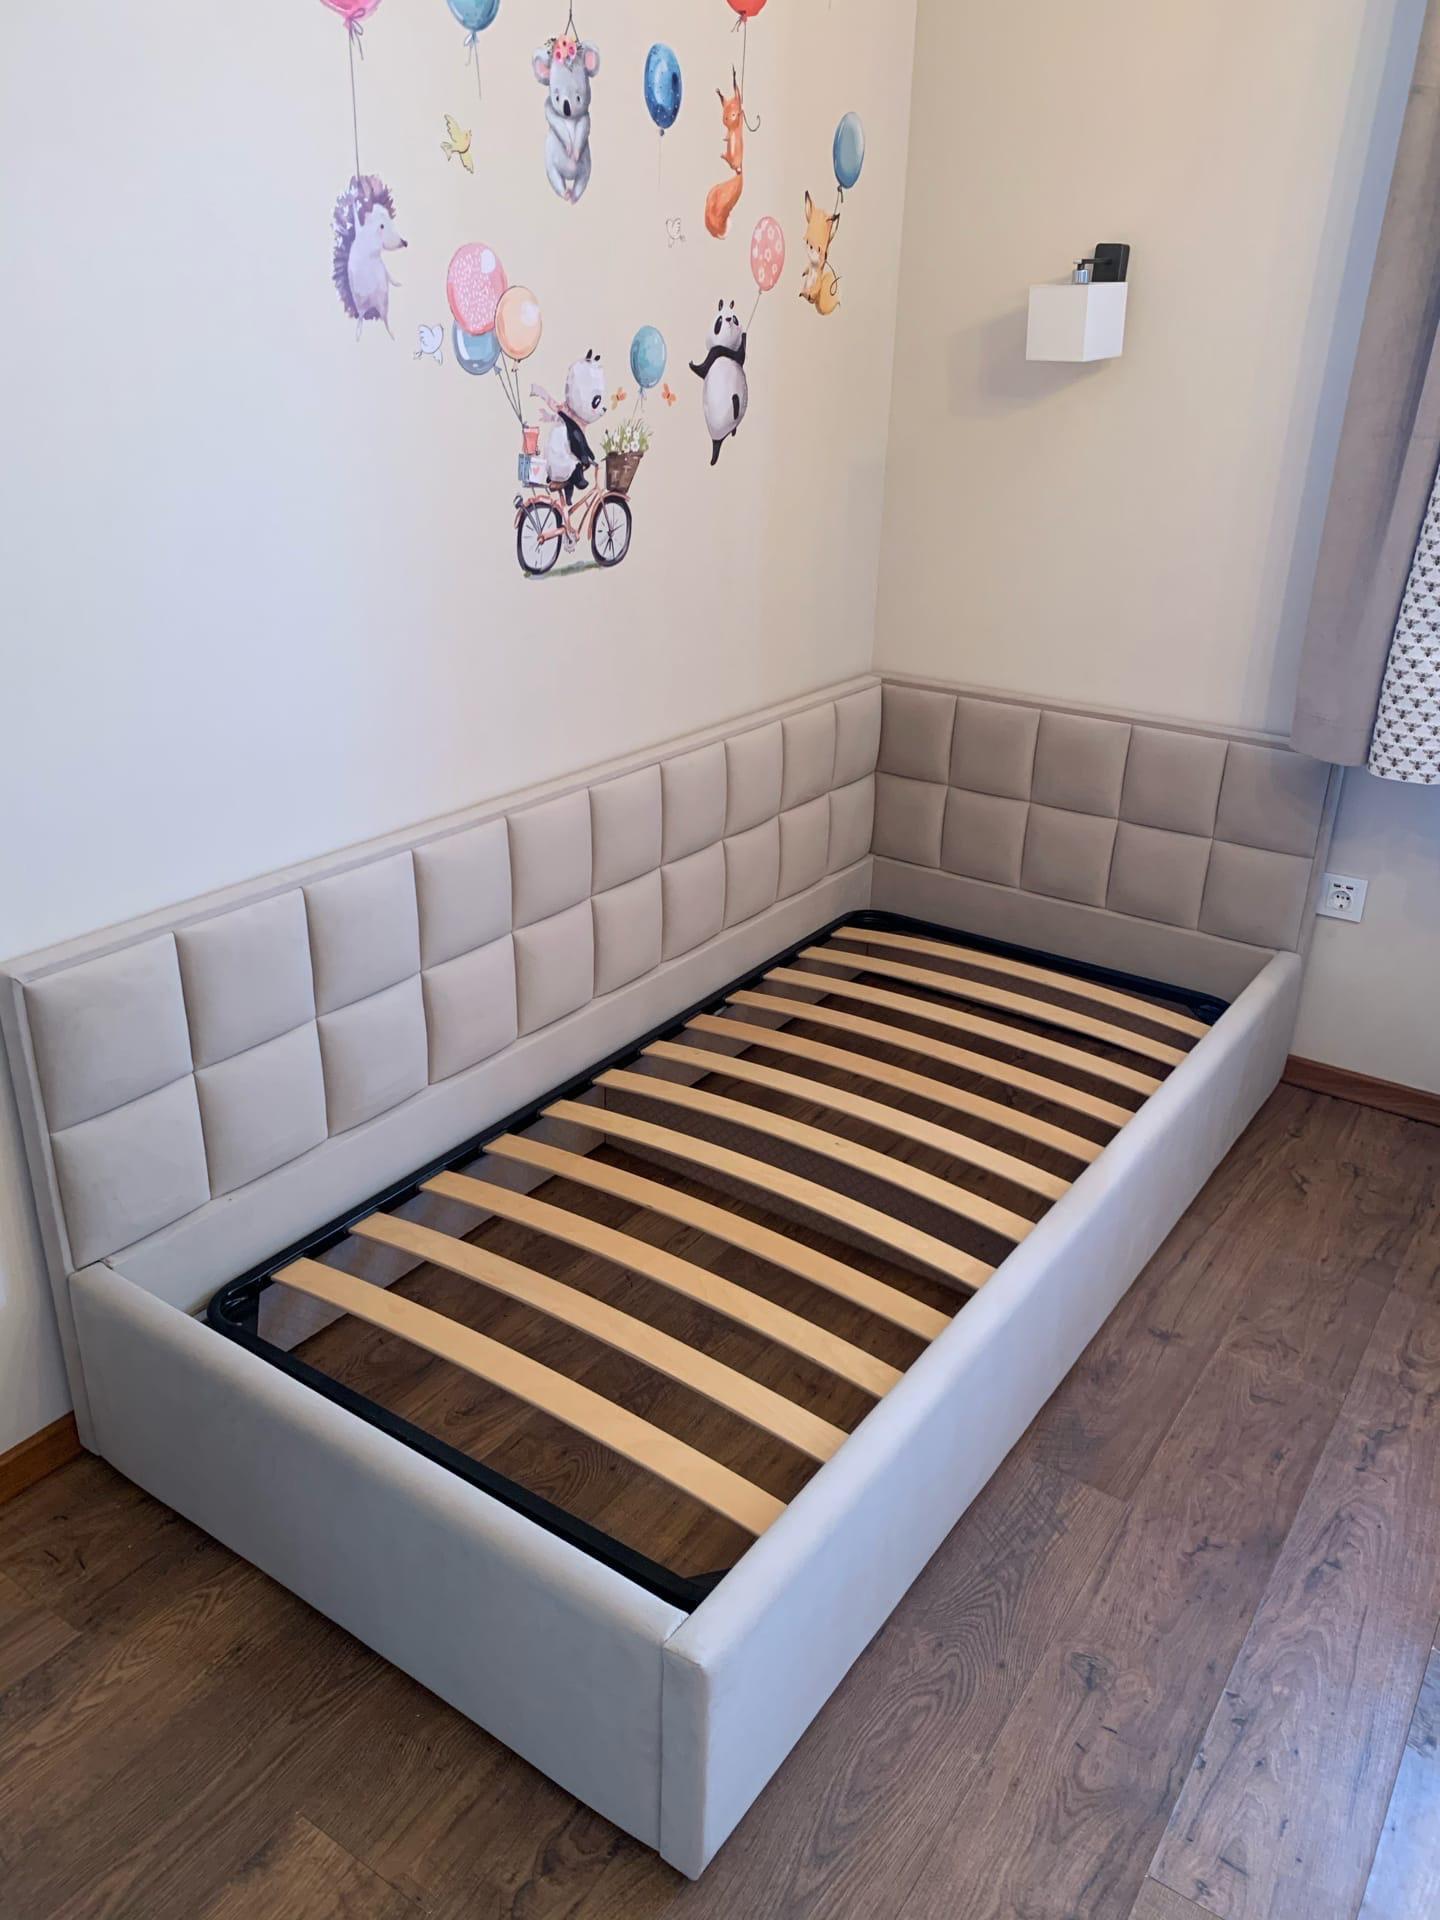 Кровать с панелями готова и установлена☑ Спальное место 900*2000 мм ▫Каркас из фанеры березы ▫Качественный ППУ ▫Ткань велюр ▫Также можете заказать данную модель кровати с подъёмным механизмом/ящиками для белья Для заказа данное модели по Вашим размерам, напишите нам по ссылке в шапке профиля